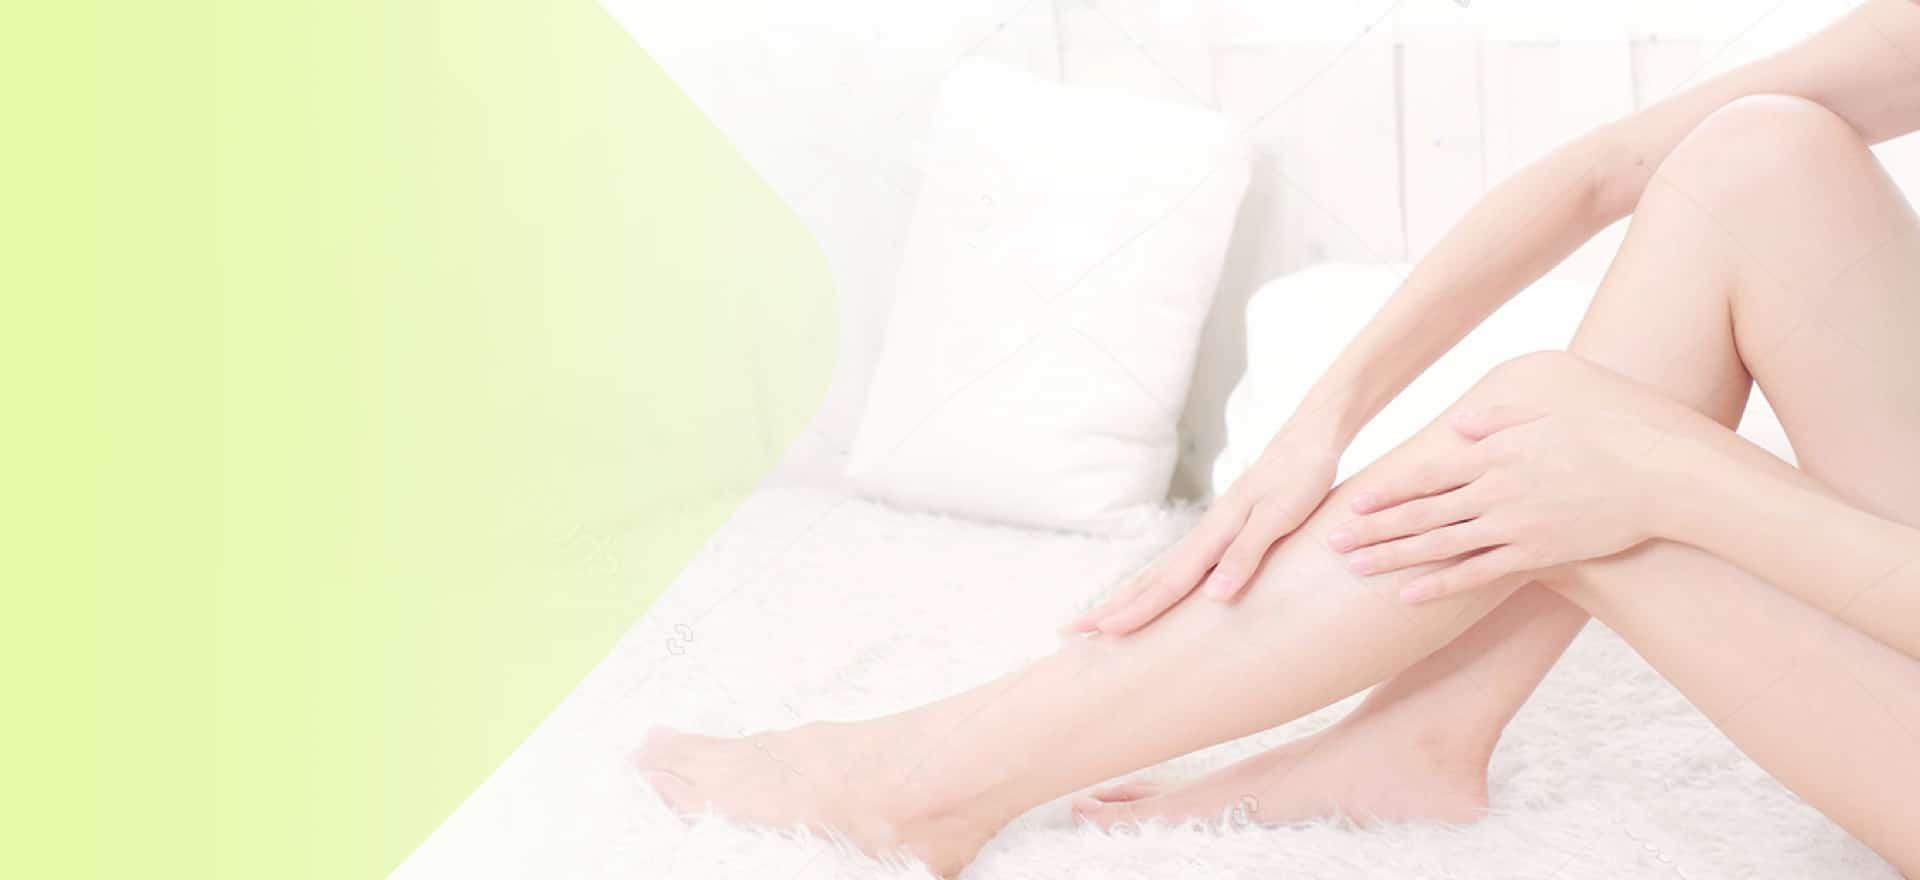 Hajszálér kezelések • Dr. Sándor Éva bőrgyógyász, kozmetológus